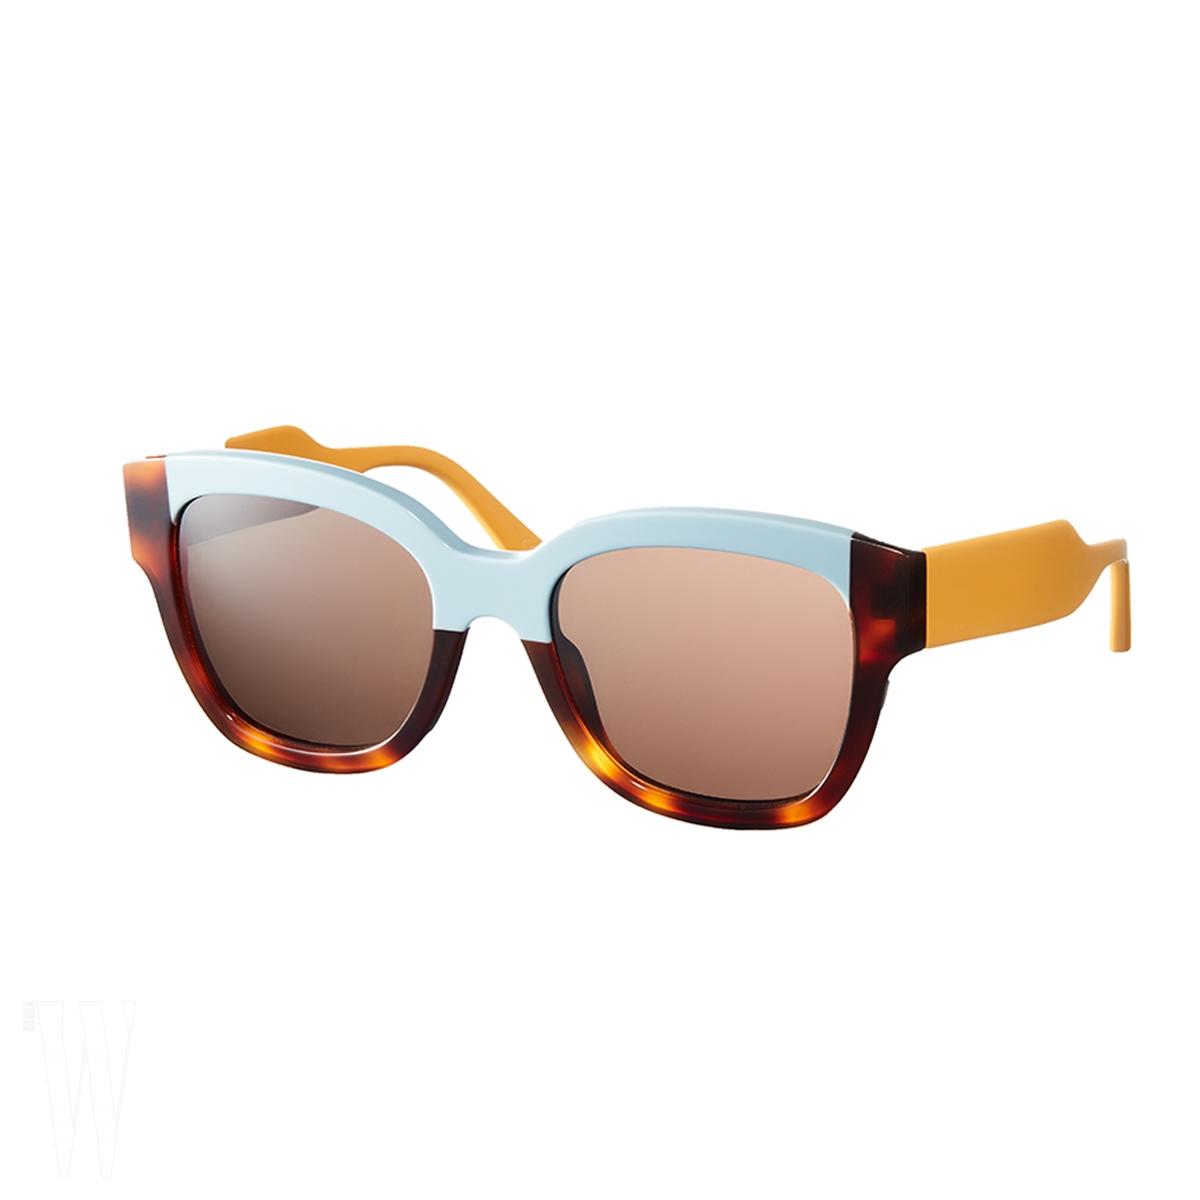 비비드한 컬러 블록과 혼 프레임의 조화가 독특한 선글래스는 마르니 by 한독 제품. 67만5천원.